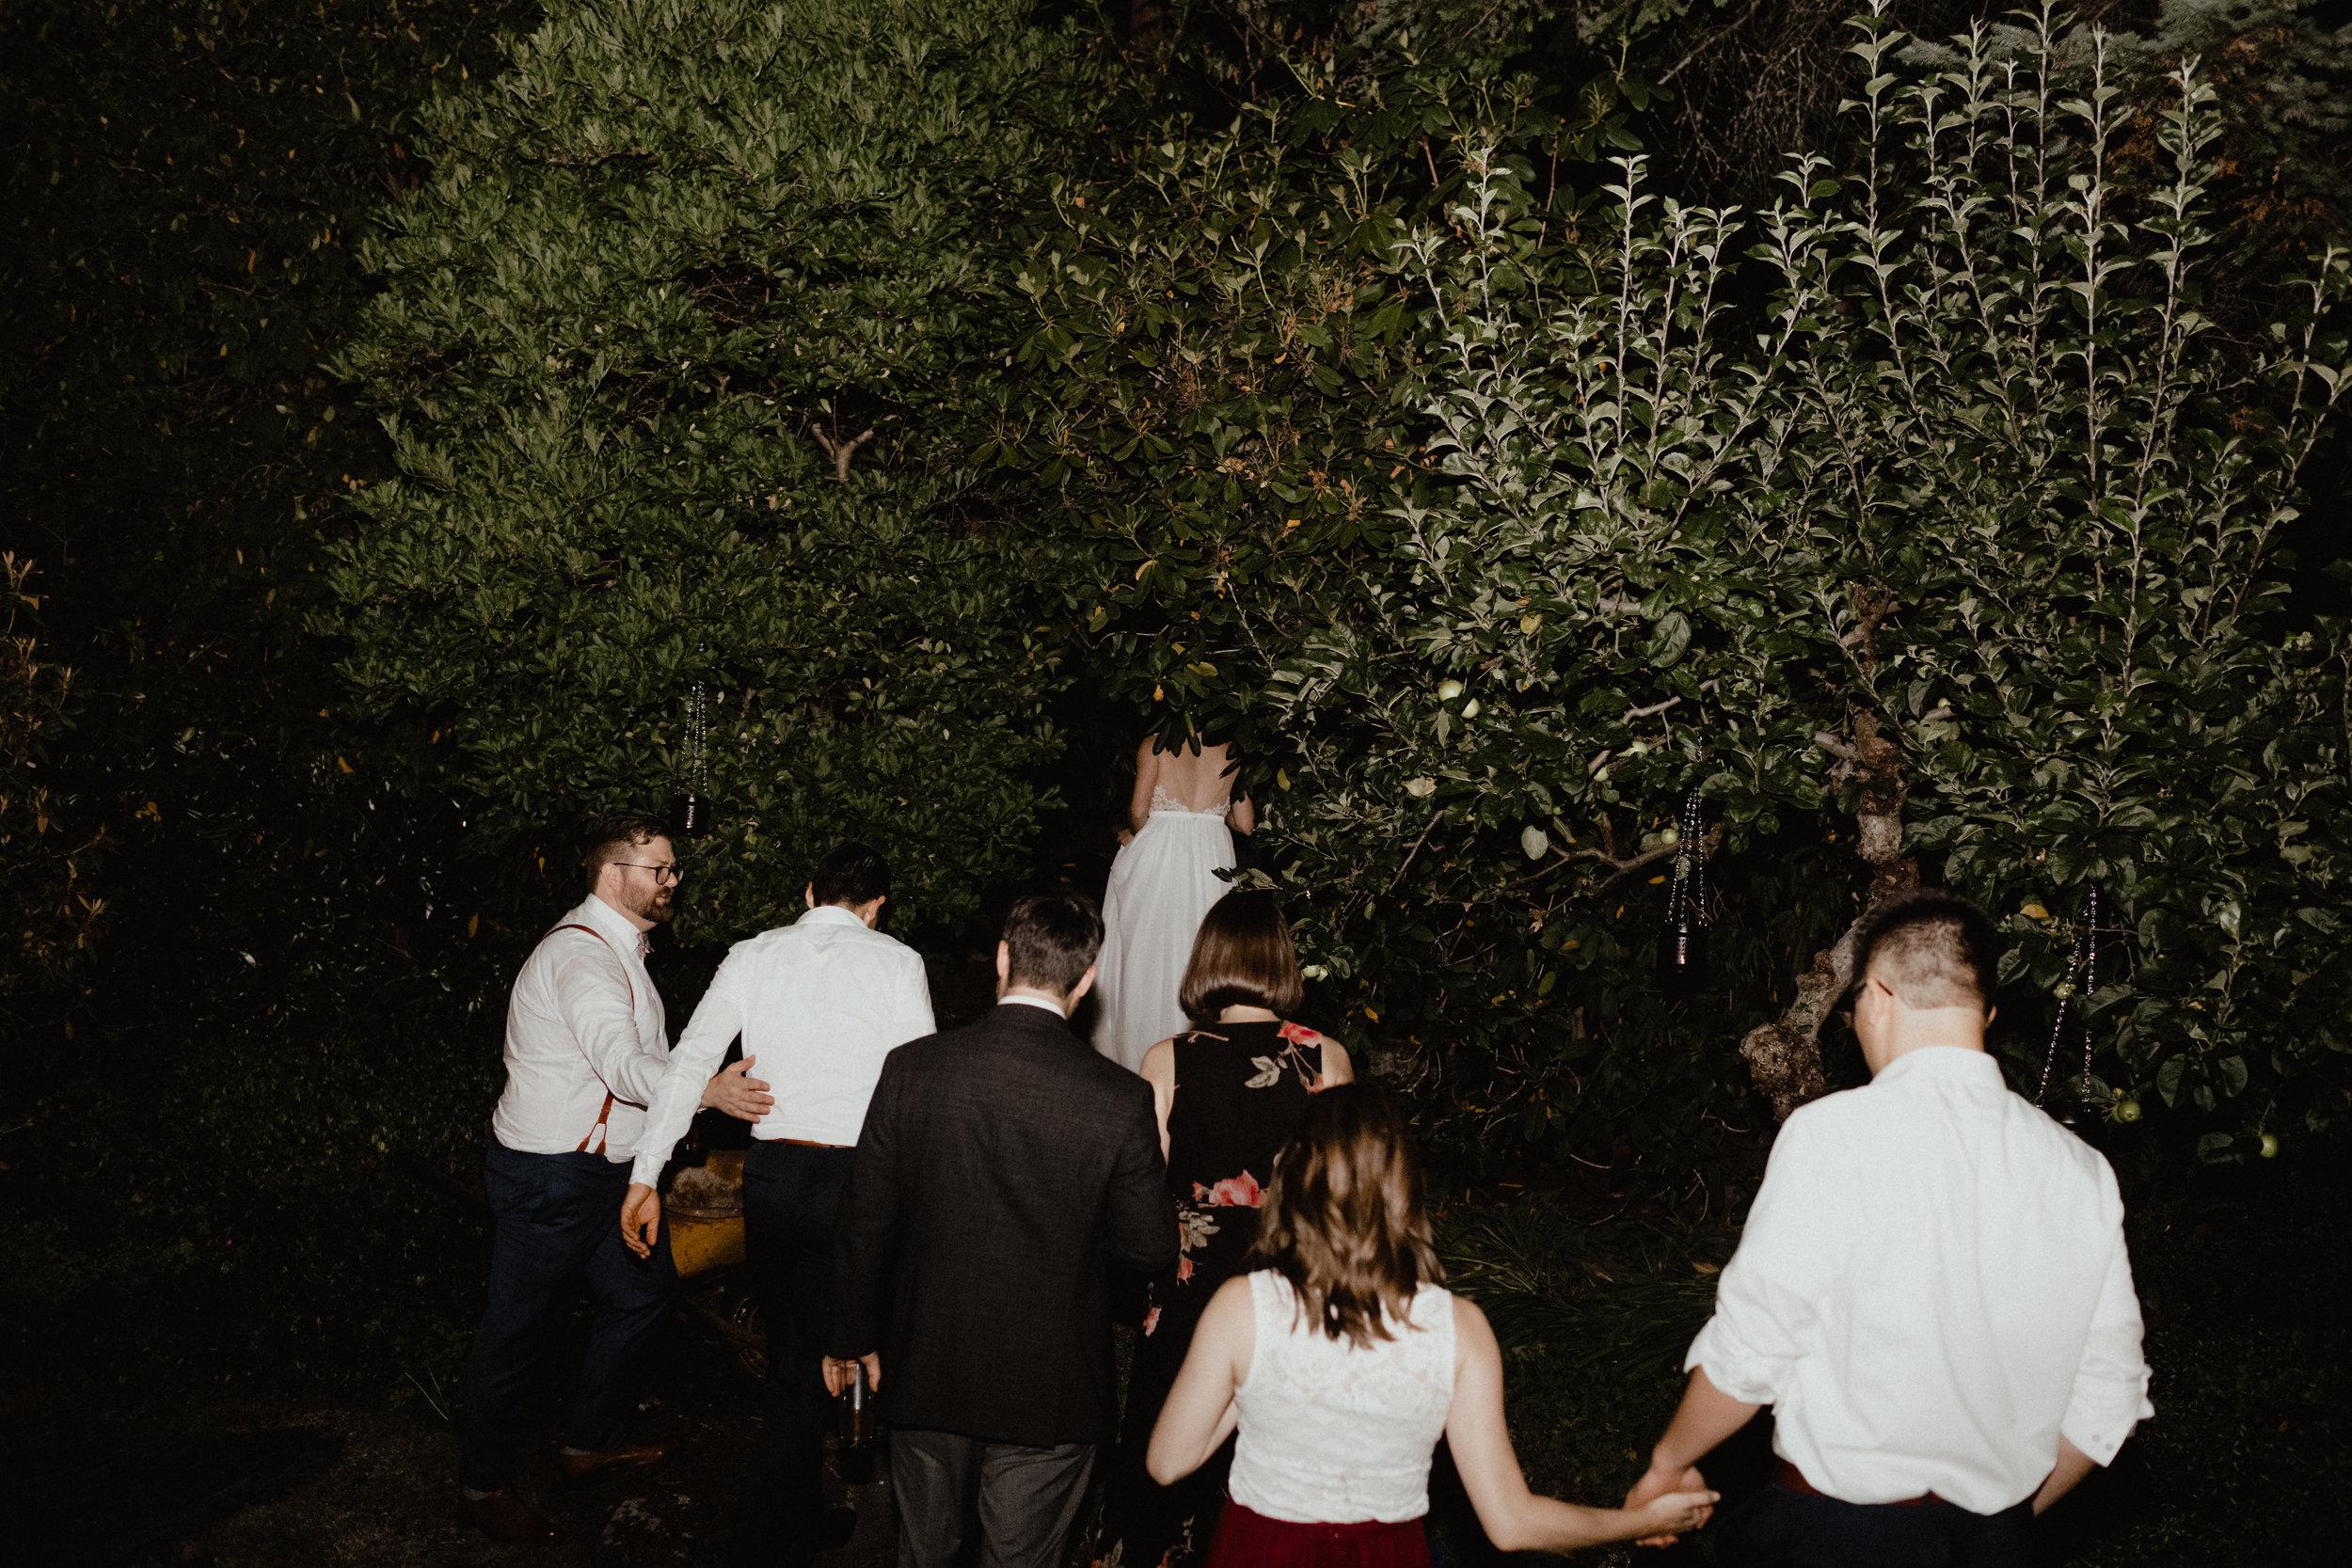 west-vancouver-backyard-wedding-331.jpg